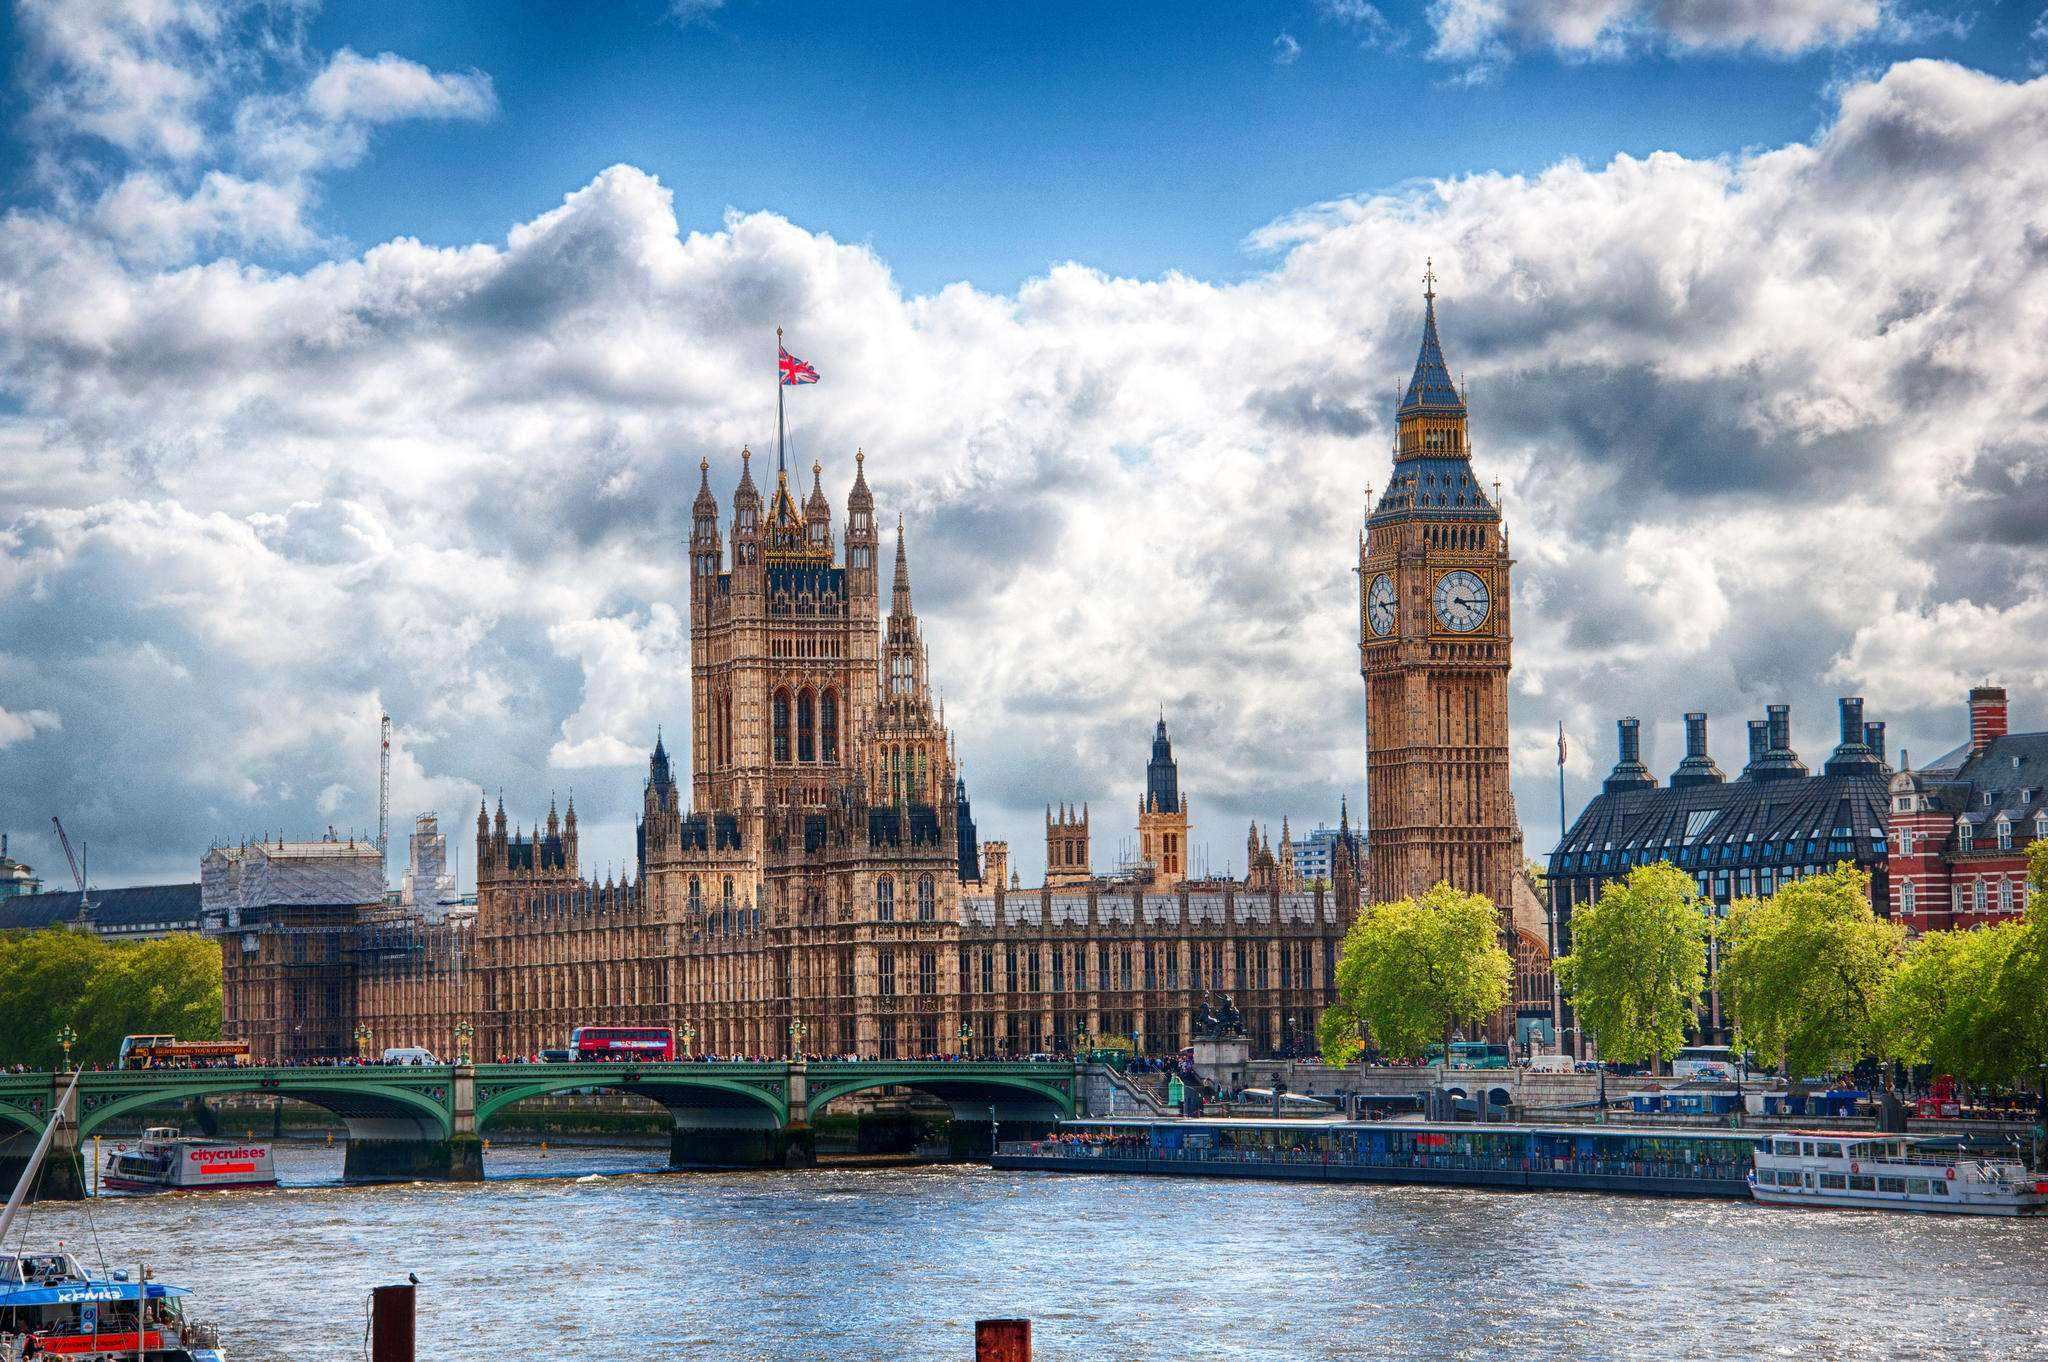 留学伦敦商学院研究生,挑战世界上最难申请的学校!